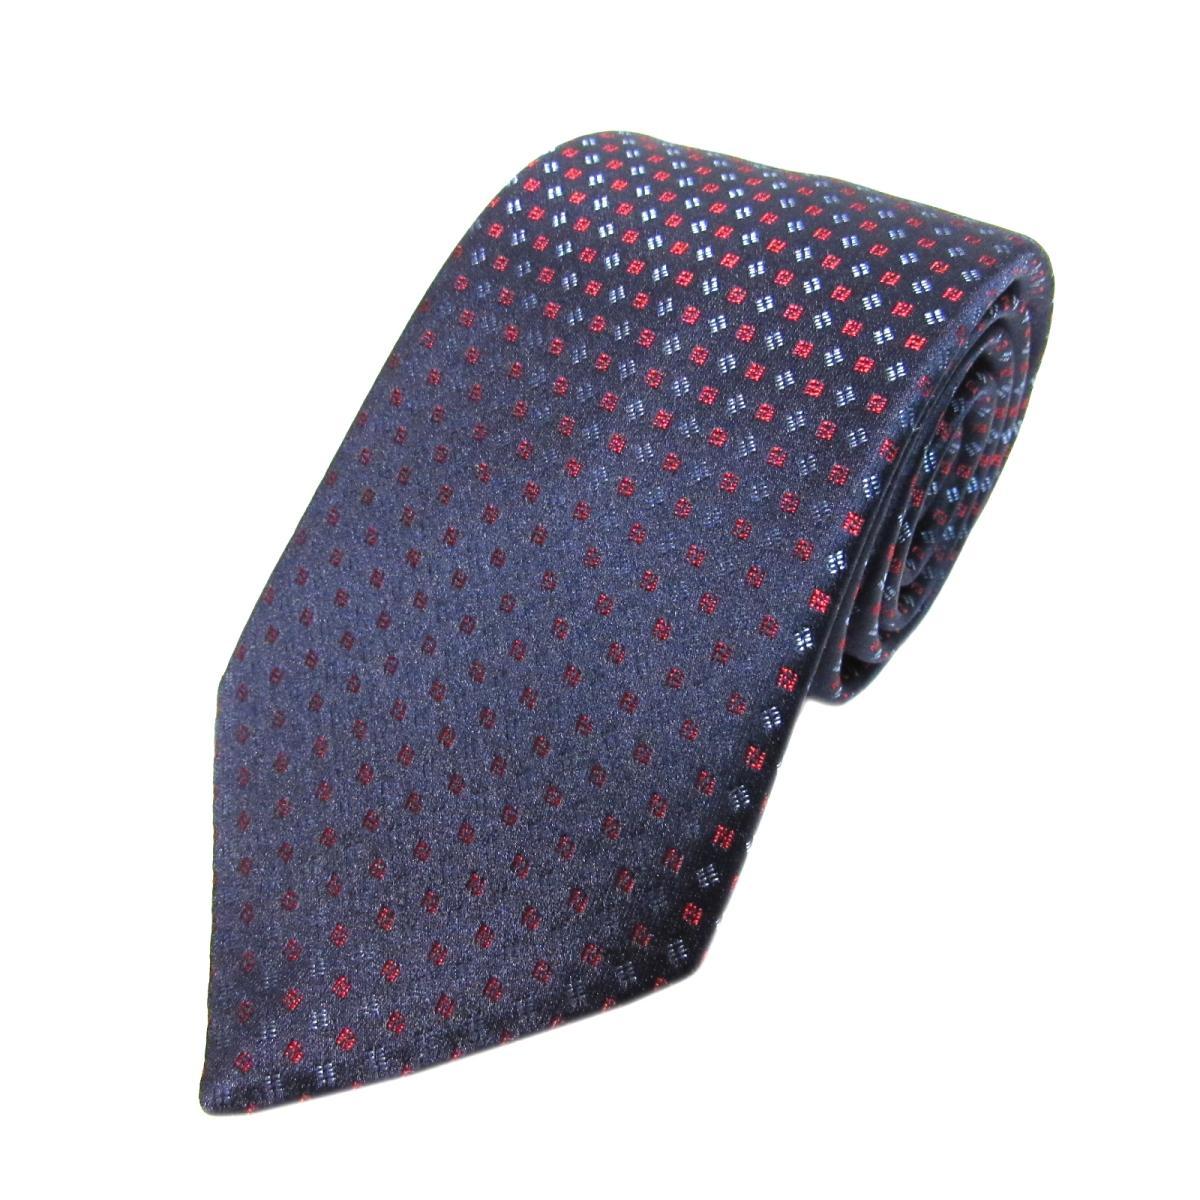 フェンディ ネクタイ メンズ シルク ネイビー x レッド ブルー | FENDI ネクタイ 新品 ブランドオフ BRANDOFF